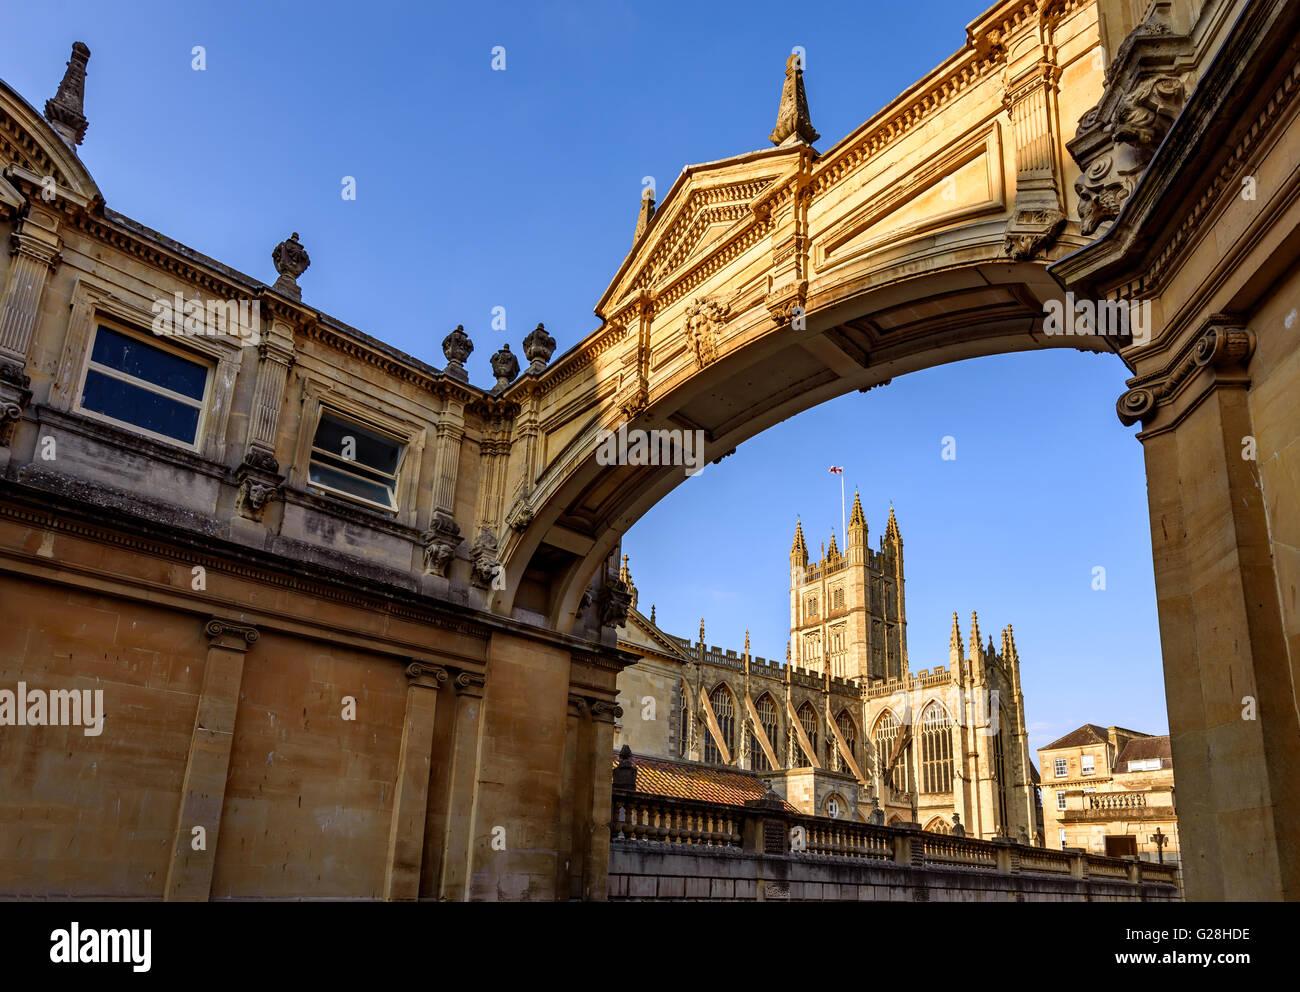 La histórica catedral de la ciudad de Bath Bath, Reino Unido Imagen De Stock